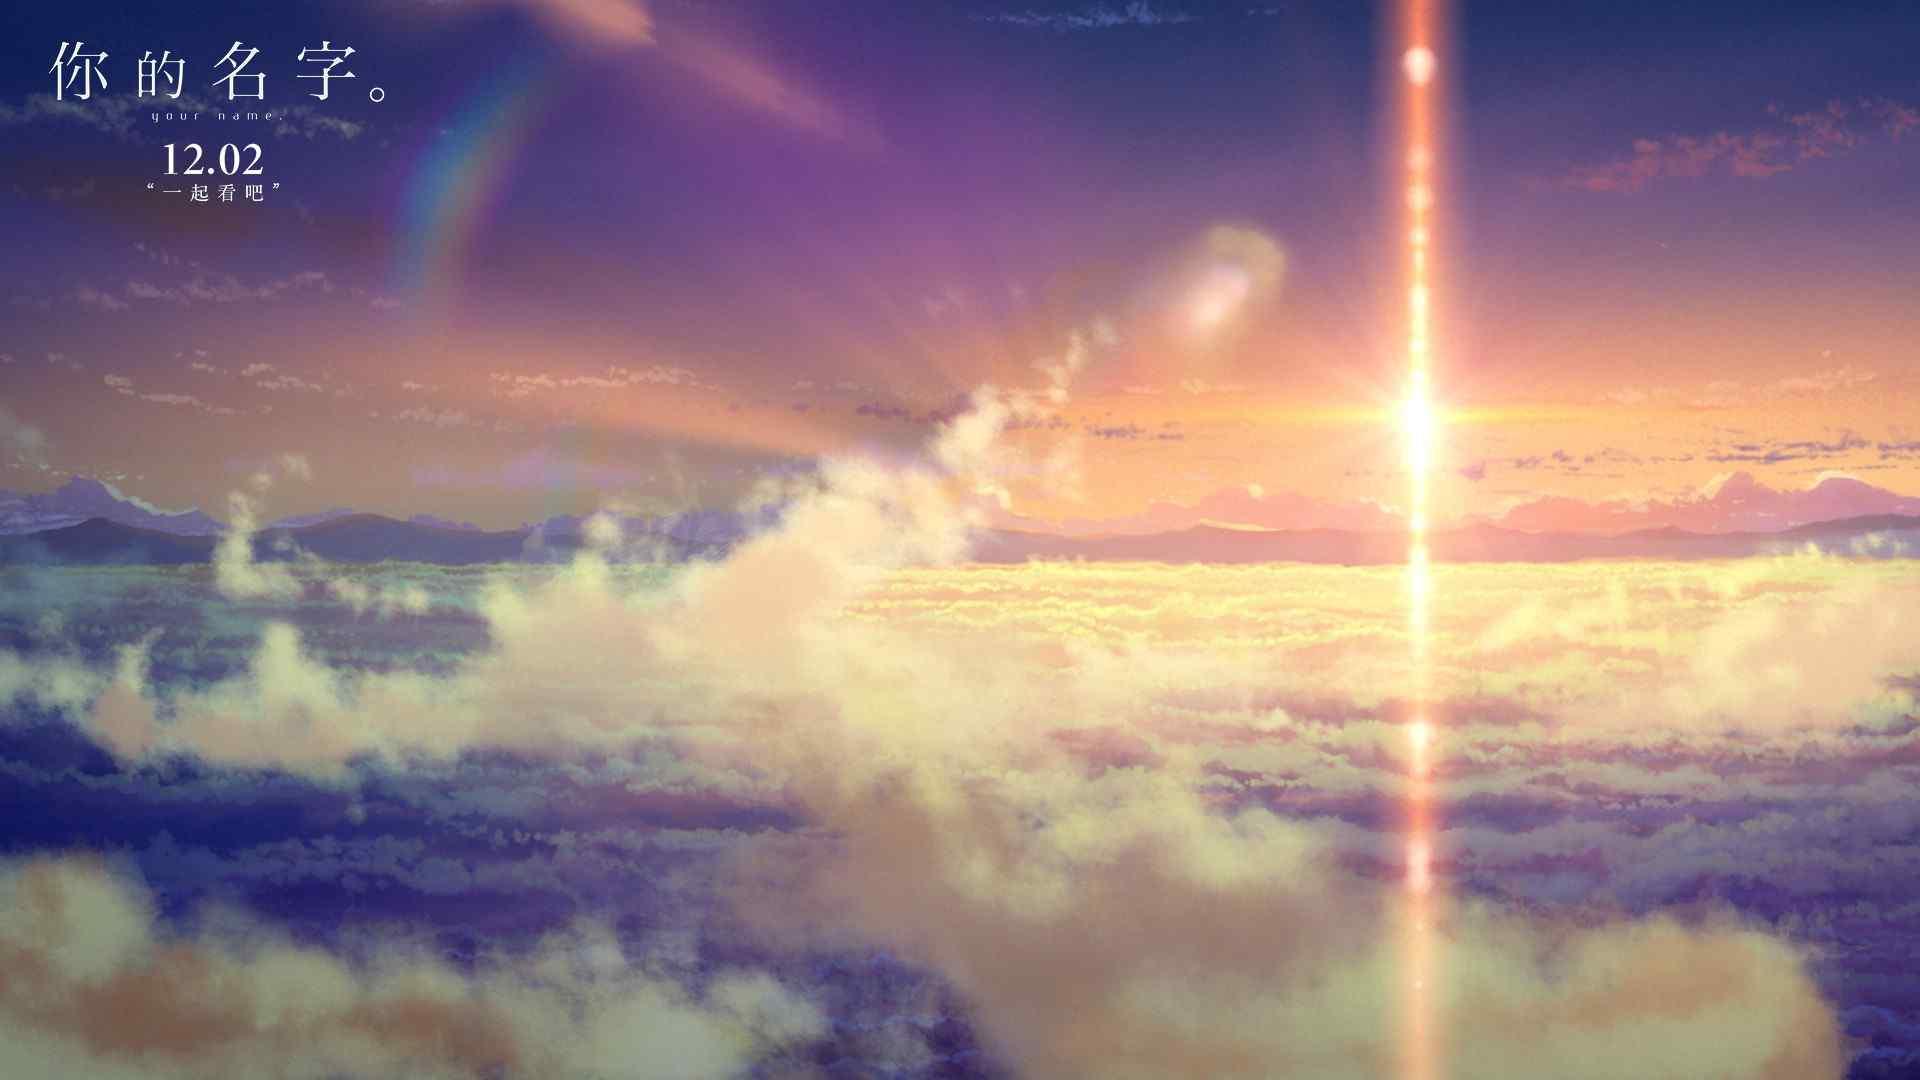 唯美的天空云海